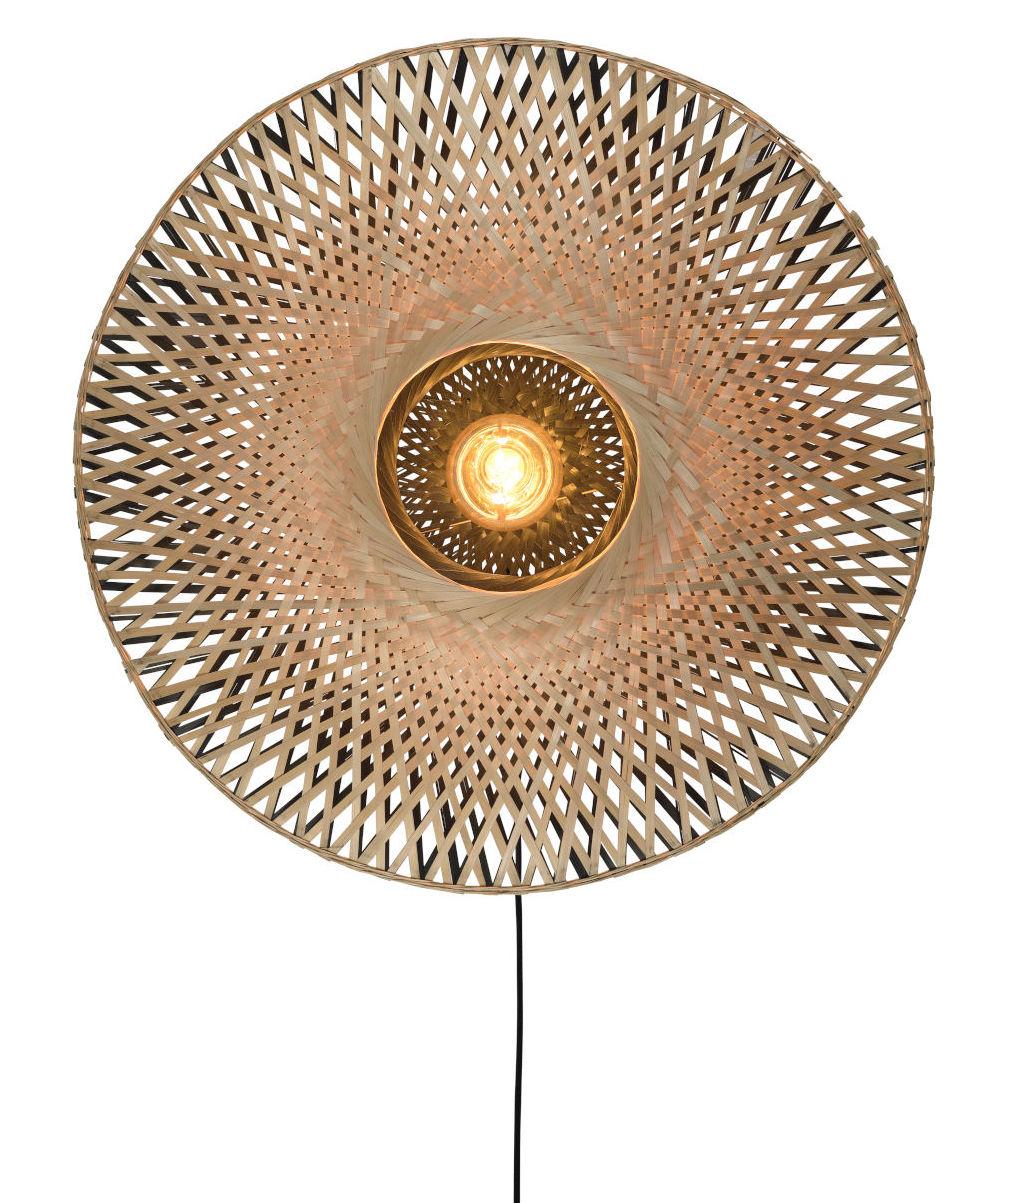 Luminaire - Appliques - Applique avec prise Kalimantan / Bambou - Ø 87 cm - GOOD&MOJO - Ø 87 cm / Noir & naturel - Bambou